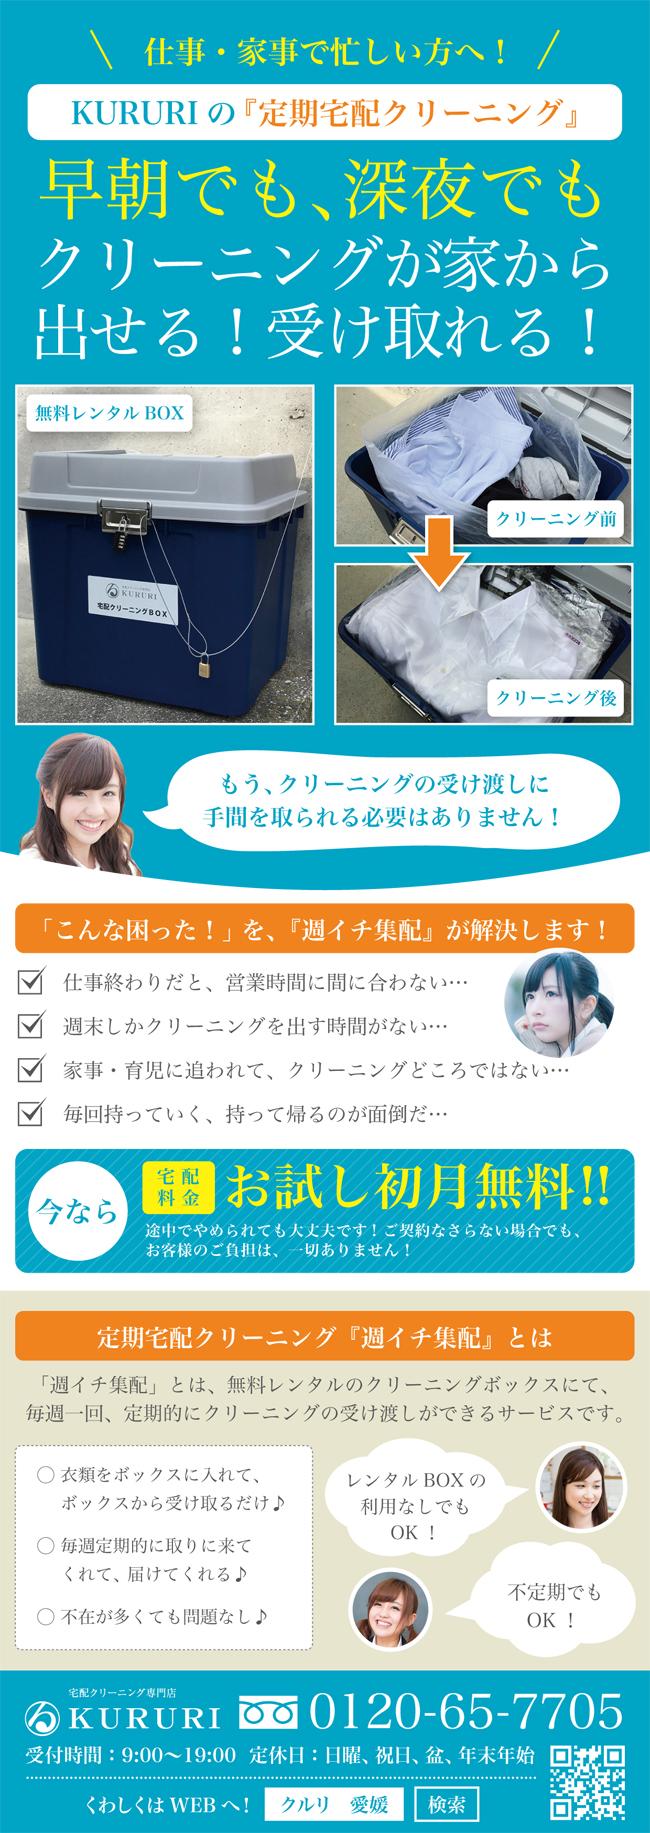 松山市の安くて便利な定期宅配・集配クリーニングキャンペーン